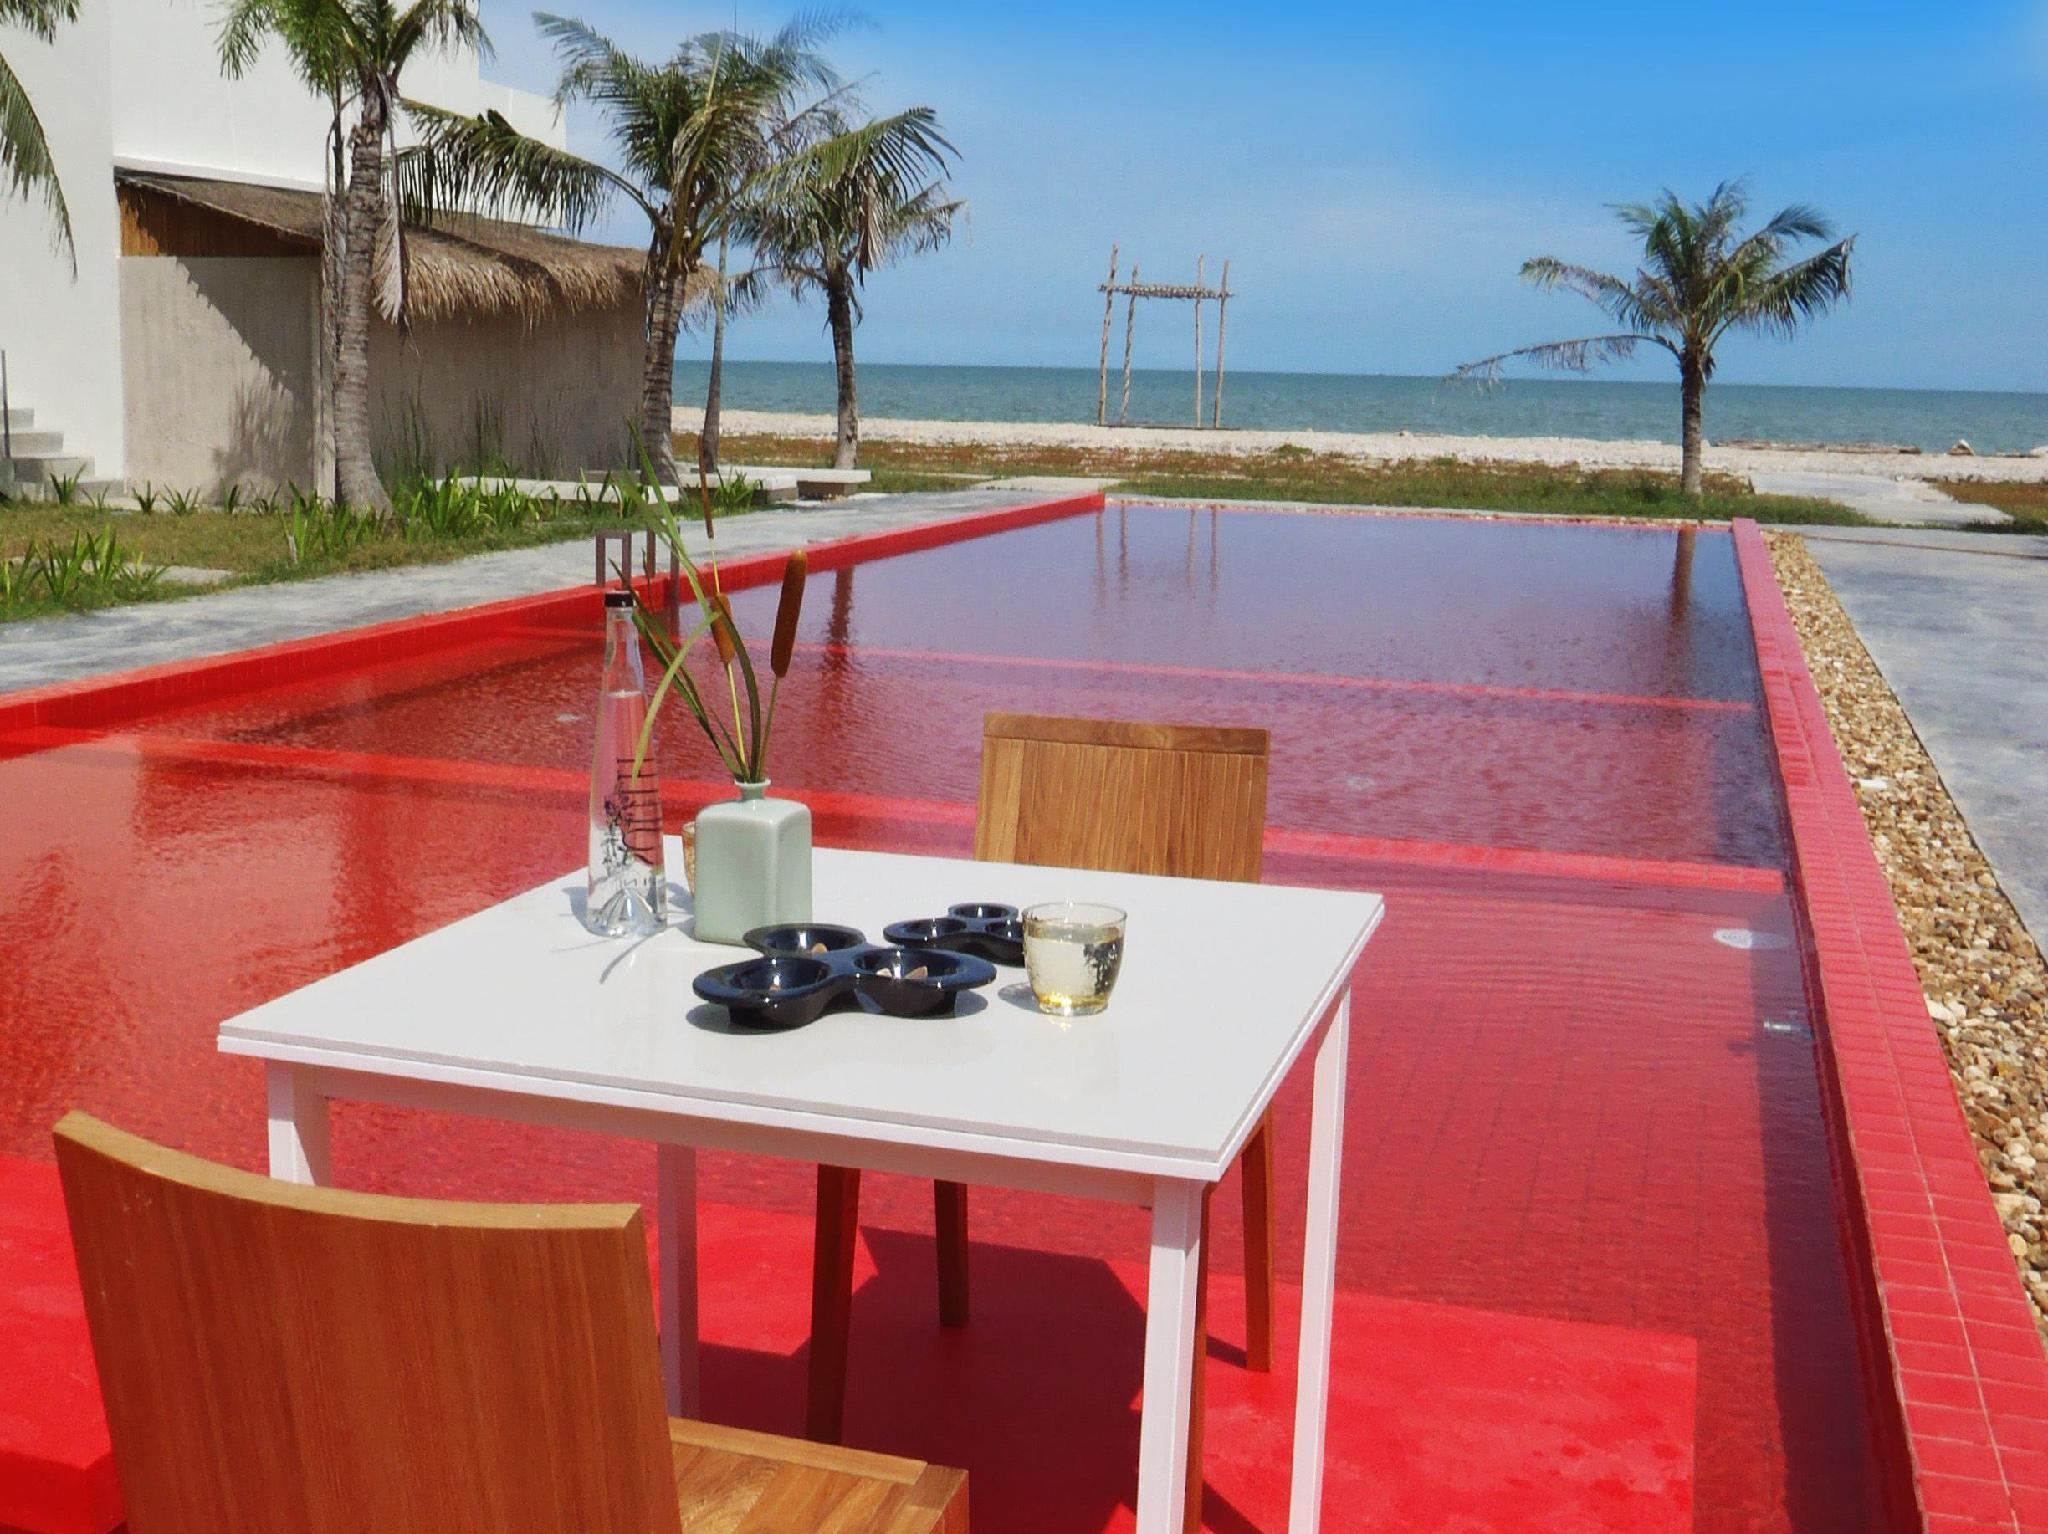 เร้ดซี รีสอร์ท (RedZ Resort)